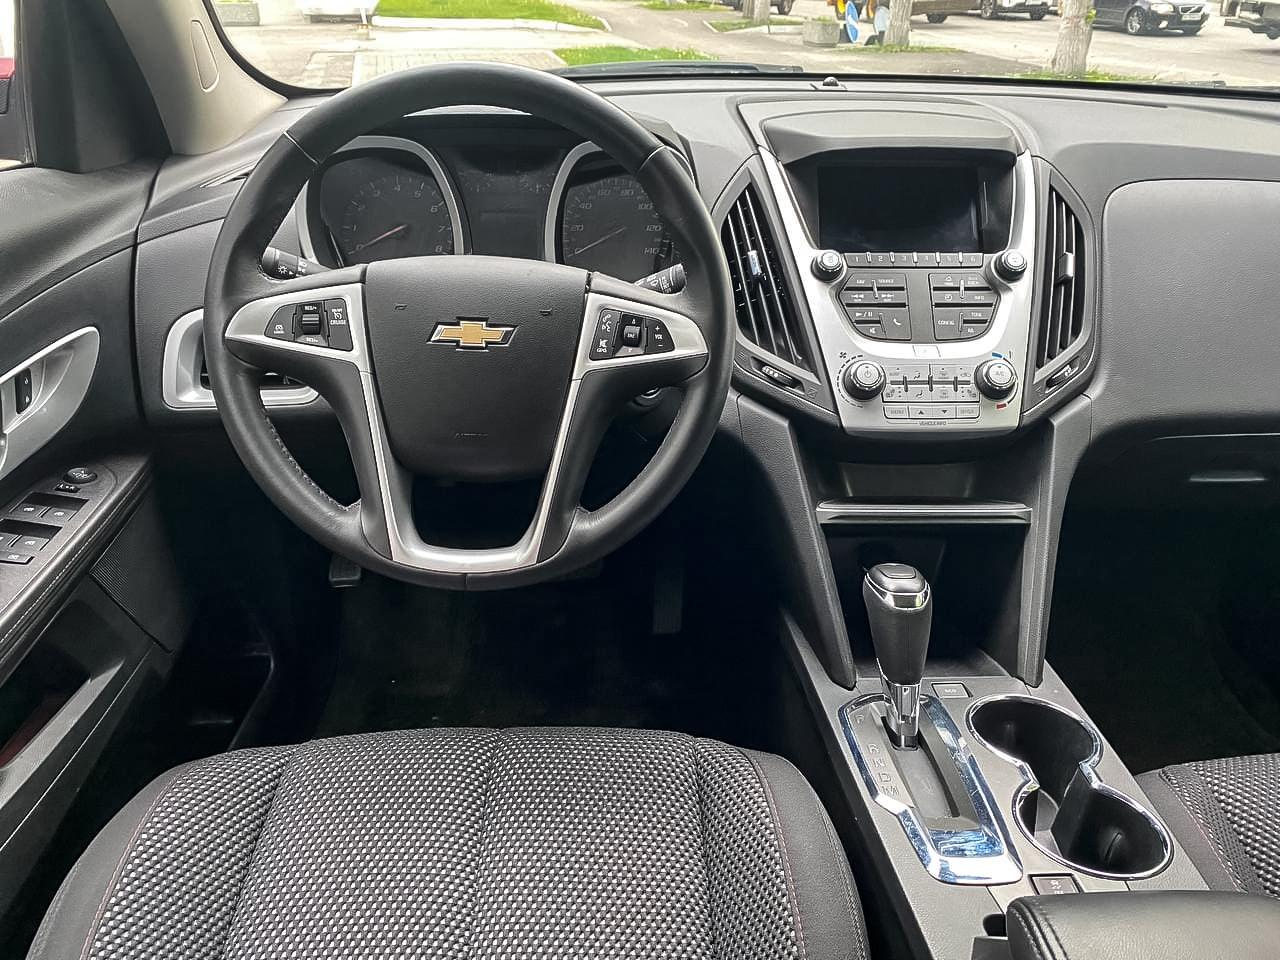 2017 Chevrolet EQUINOX | Vin: 2GNALCEK9H1608873